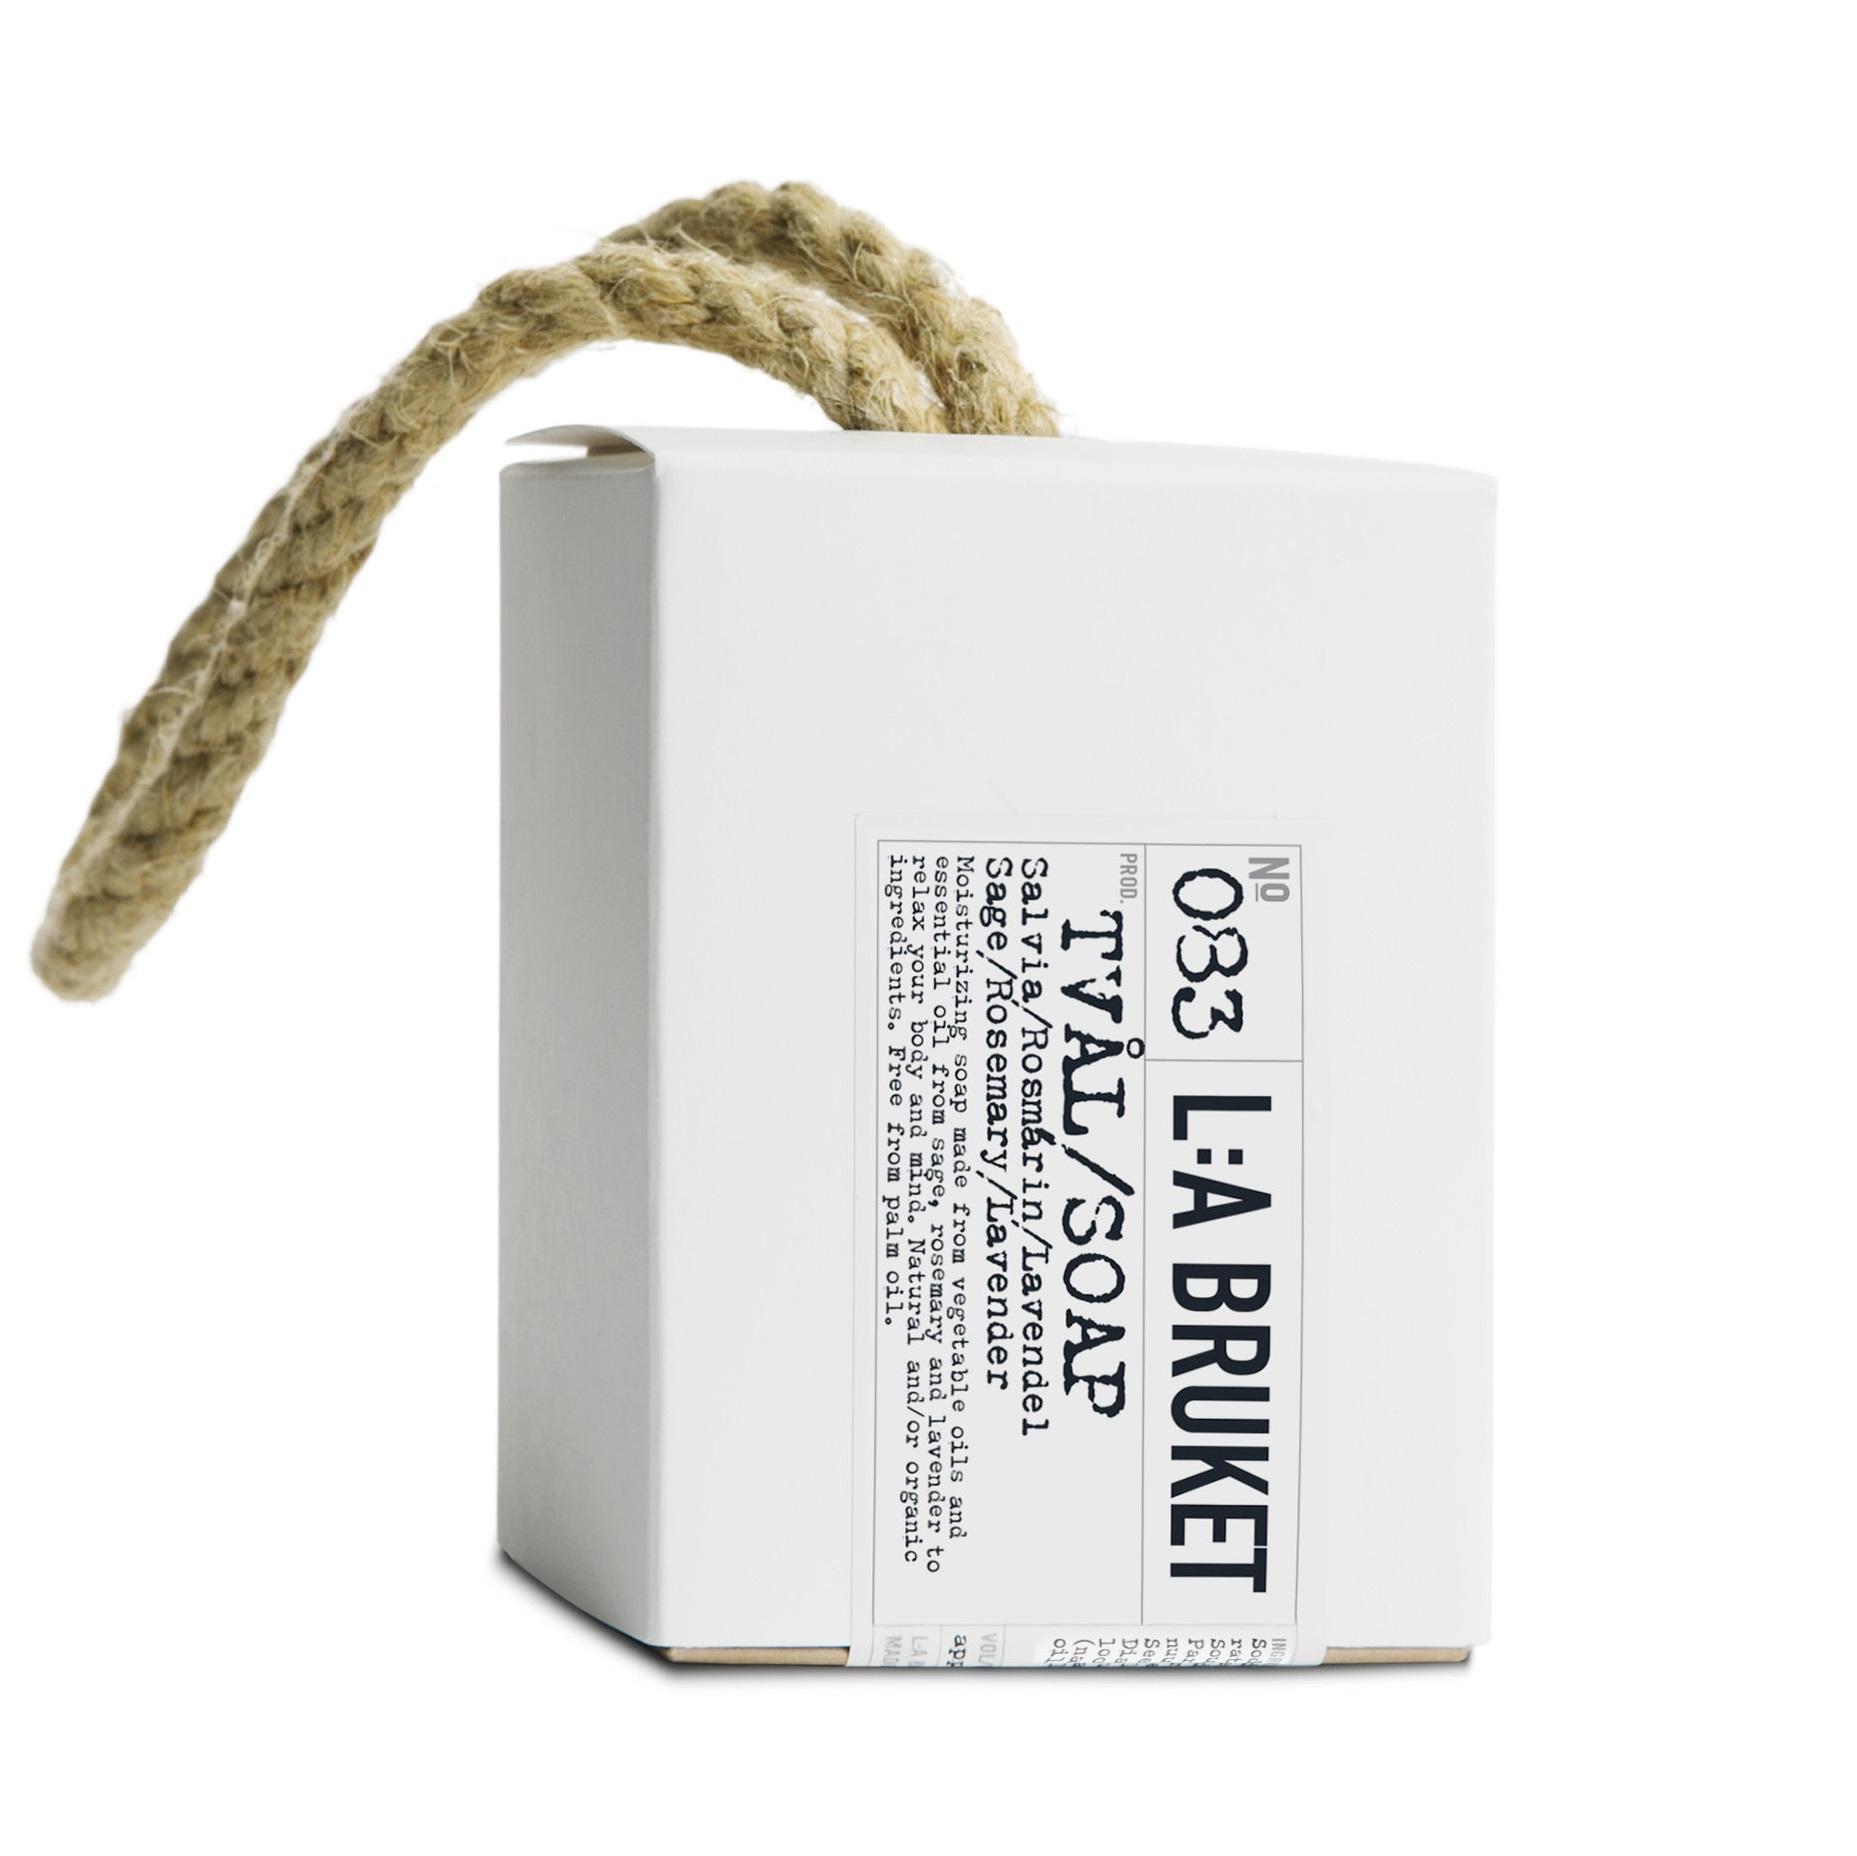 L:A BRUKET Mýdlo na provázku - šalvěj, rozmarýn, levandule 240gr, bílá barva